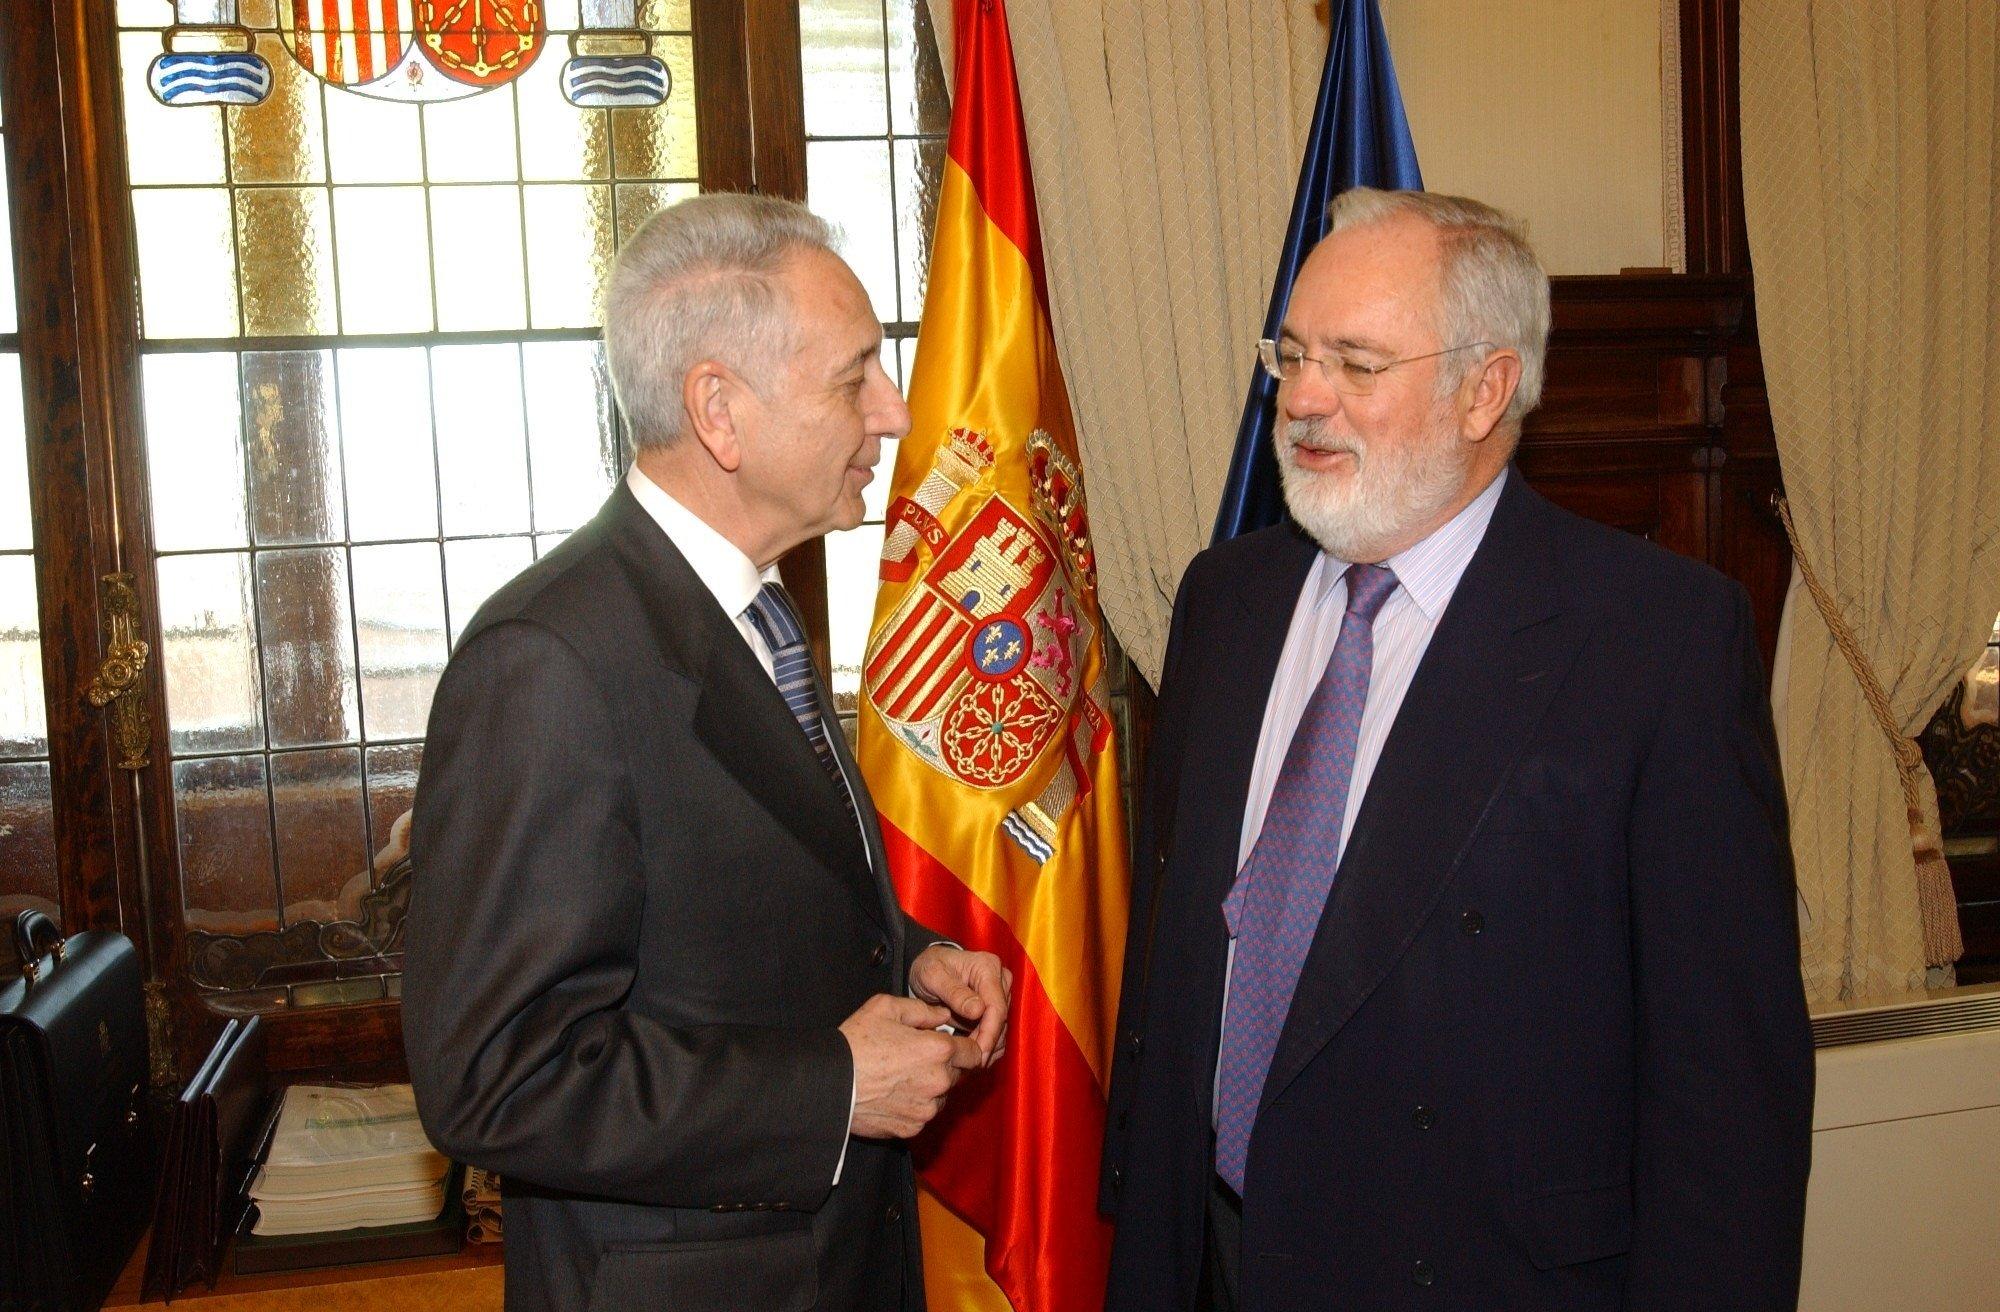 La Comisión de Seguimiento del Pacto del Agua de Aragón se reunirá en abril